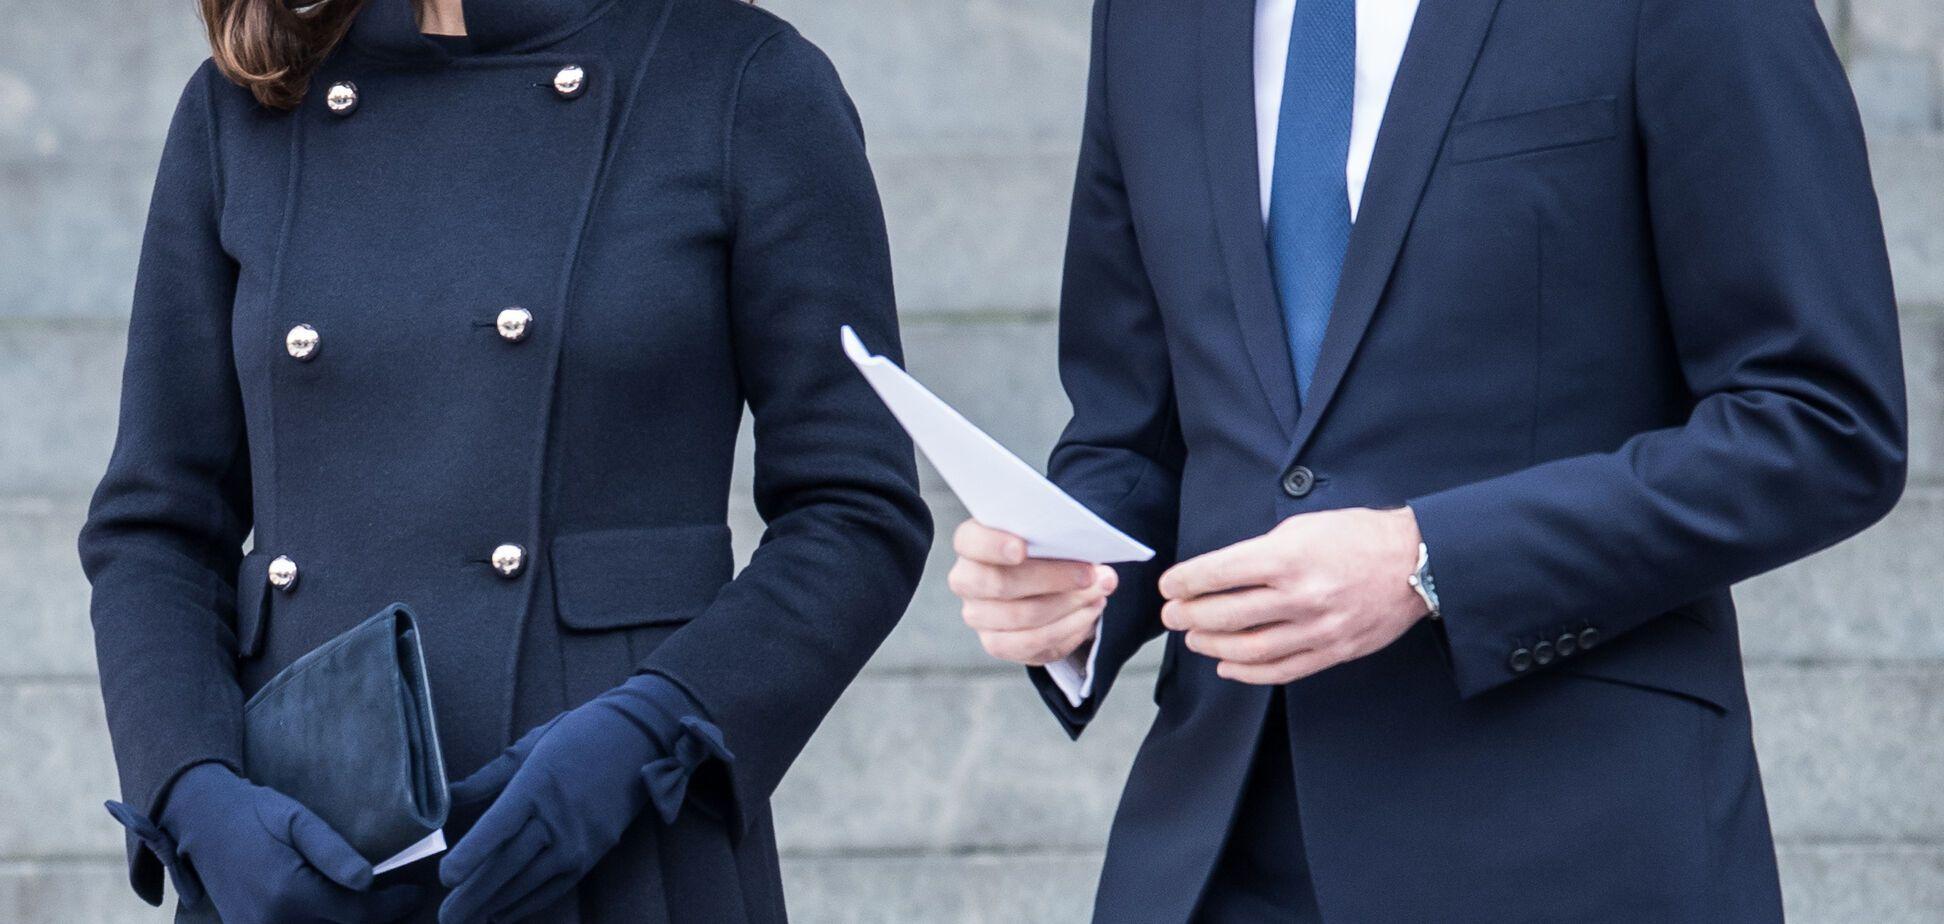 Бурная молодость: в сеть попали скандальные снимки Кейт Миддлтон и принца Уильяма